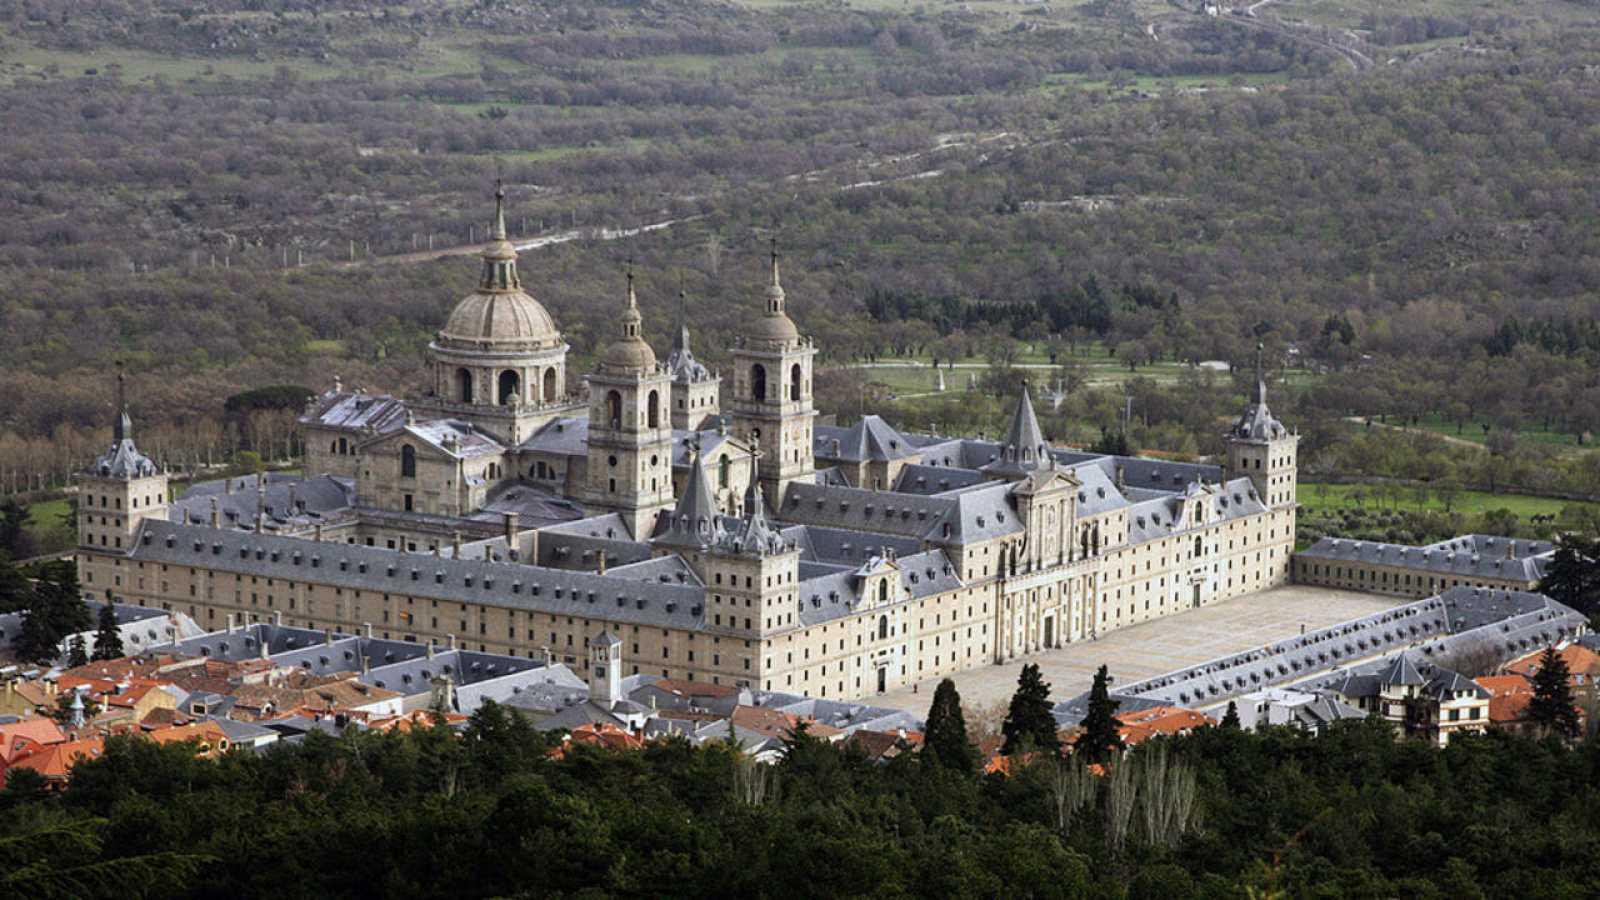 Vista aérea de San Lorenzo de El Escorial.